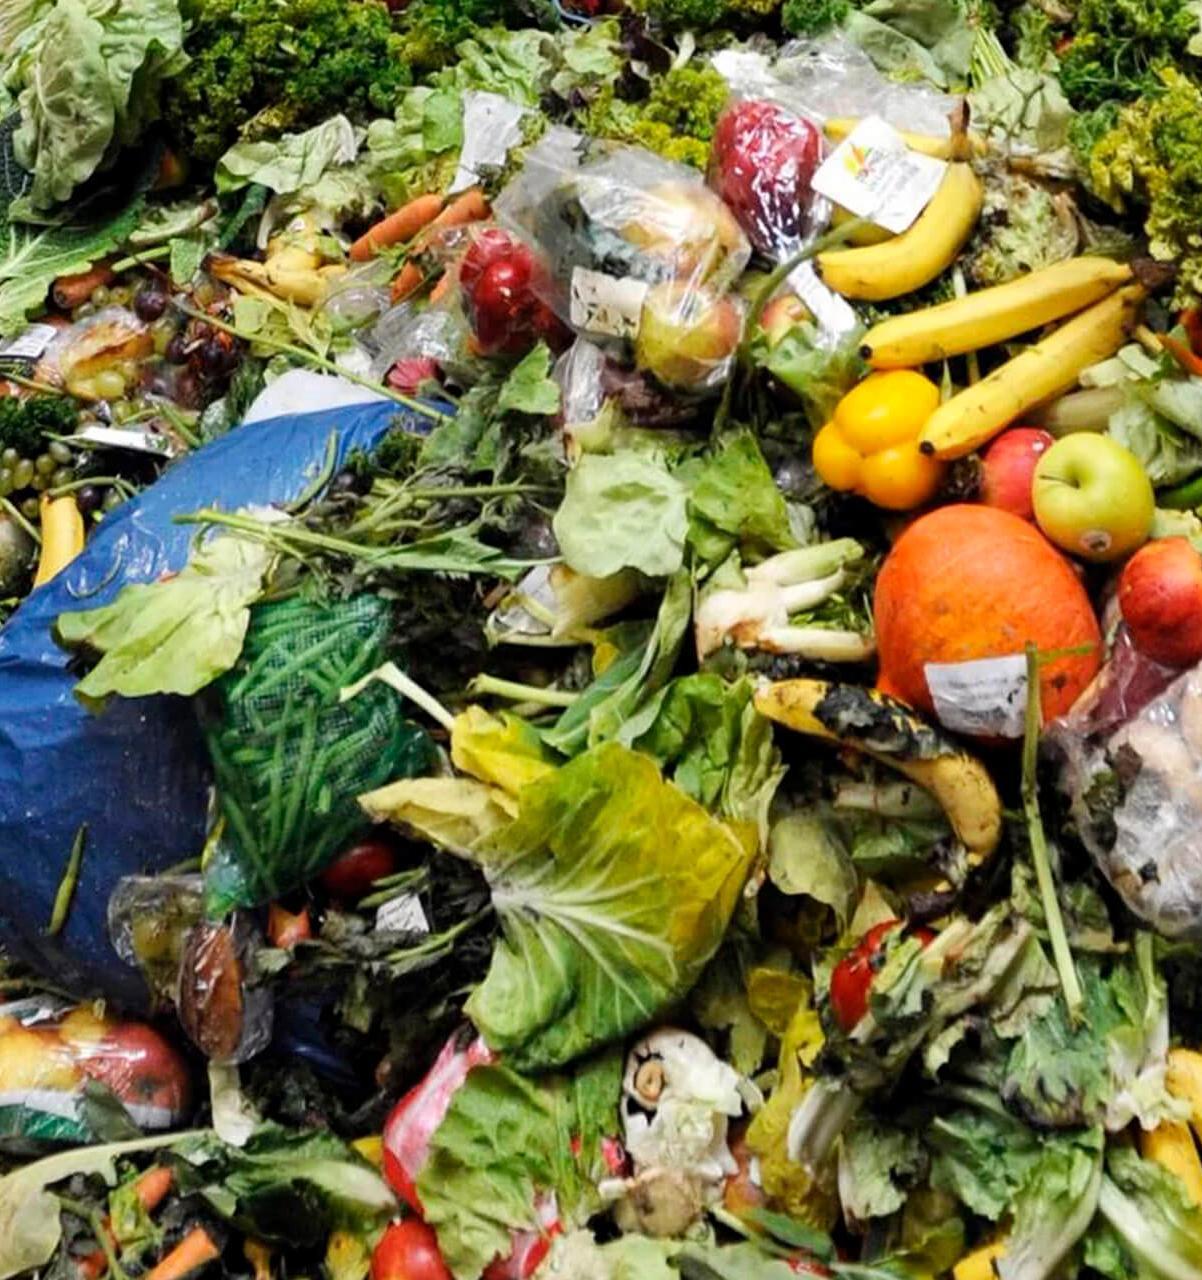 На долю выбрасываемых продуктов приходится 10% всех парниковых газов